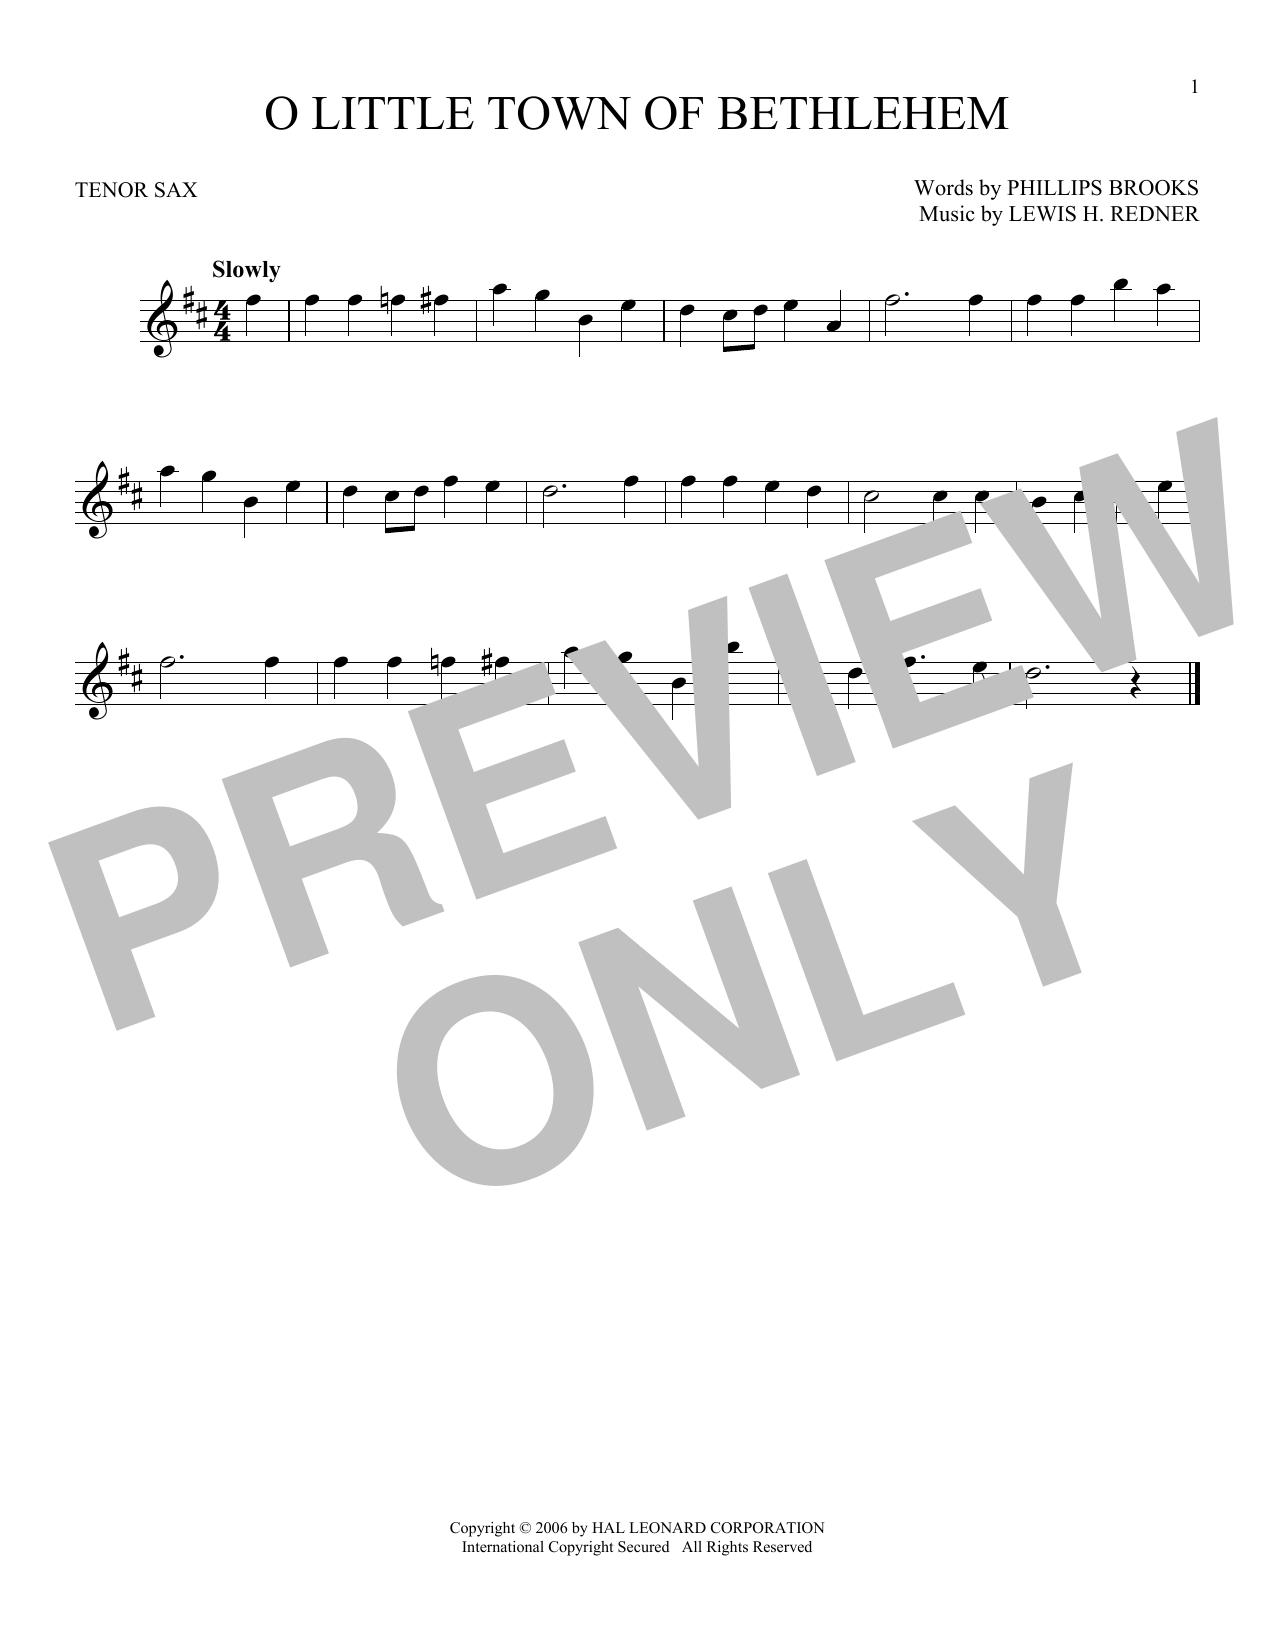 Partition saxophone O Little Town Of Bethlehem de Phillips Brooks - Sax Tenor